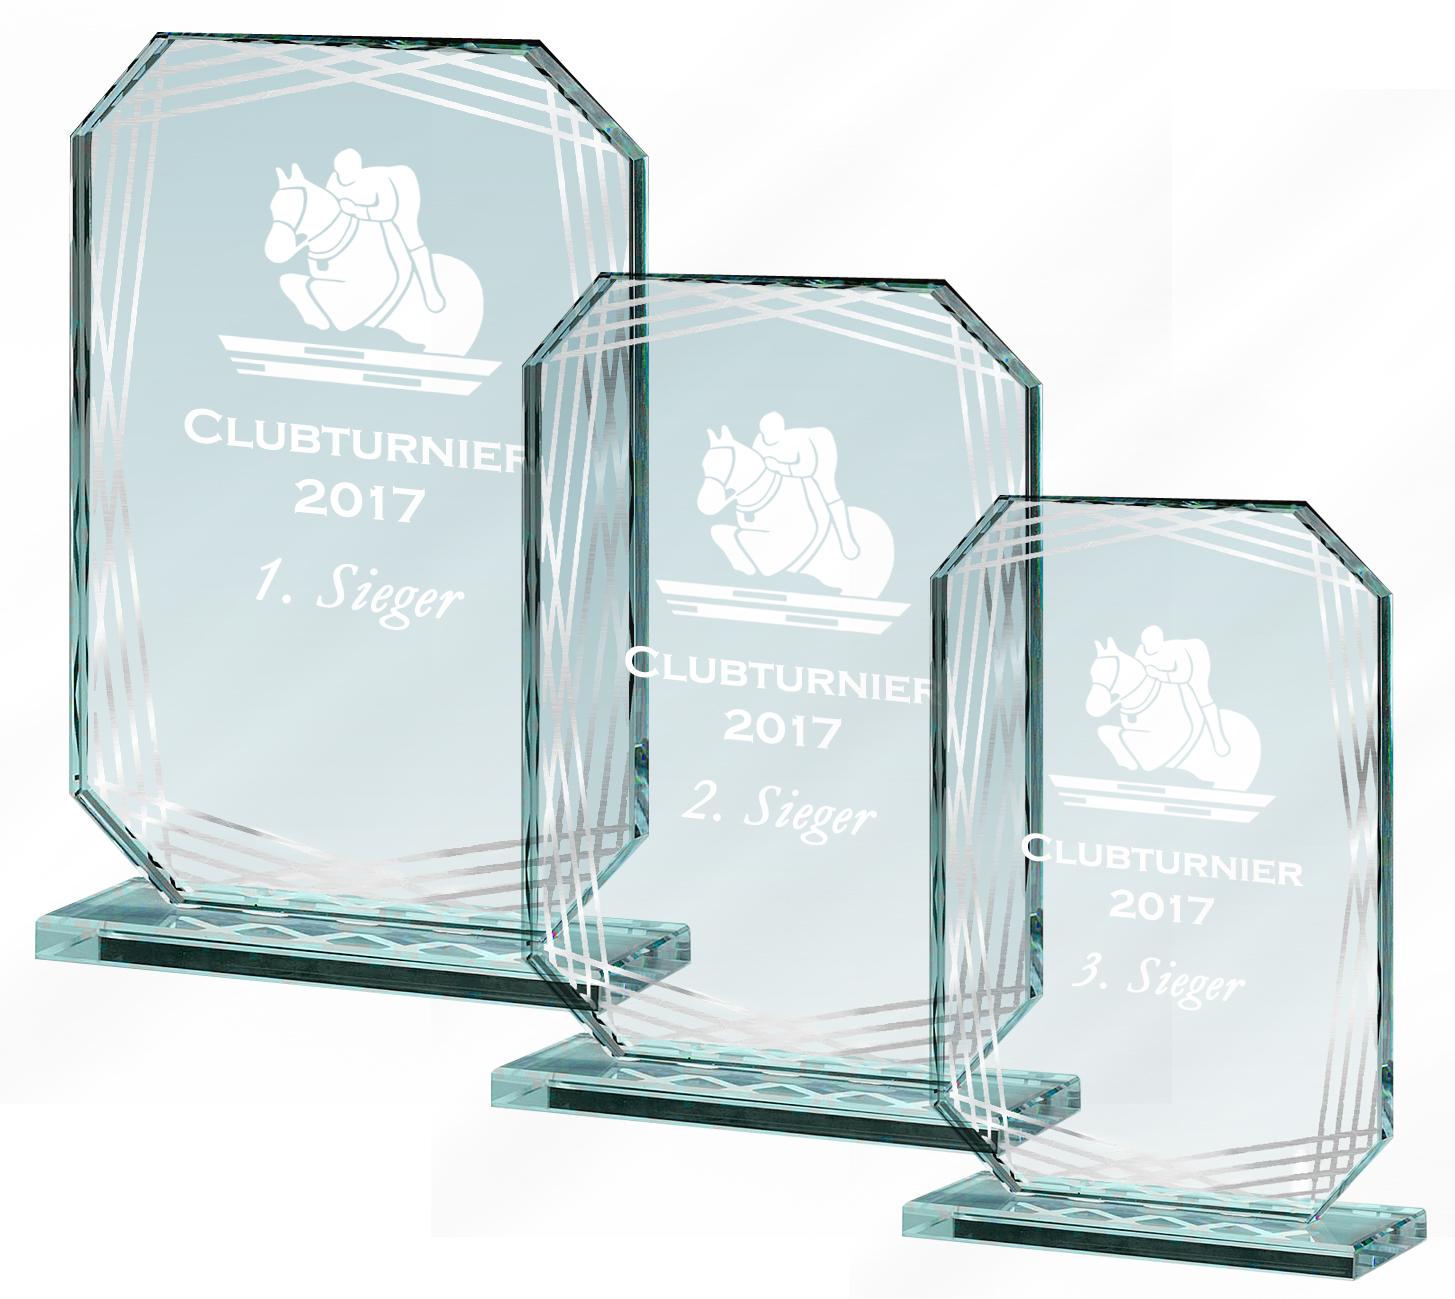 Glaspokale Glastrophäen 17-21 cm, 10 mm dick Glastrophäen